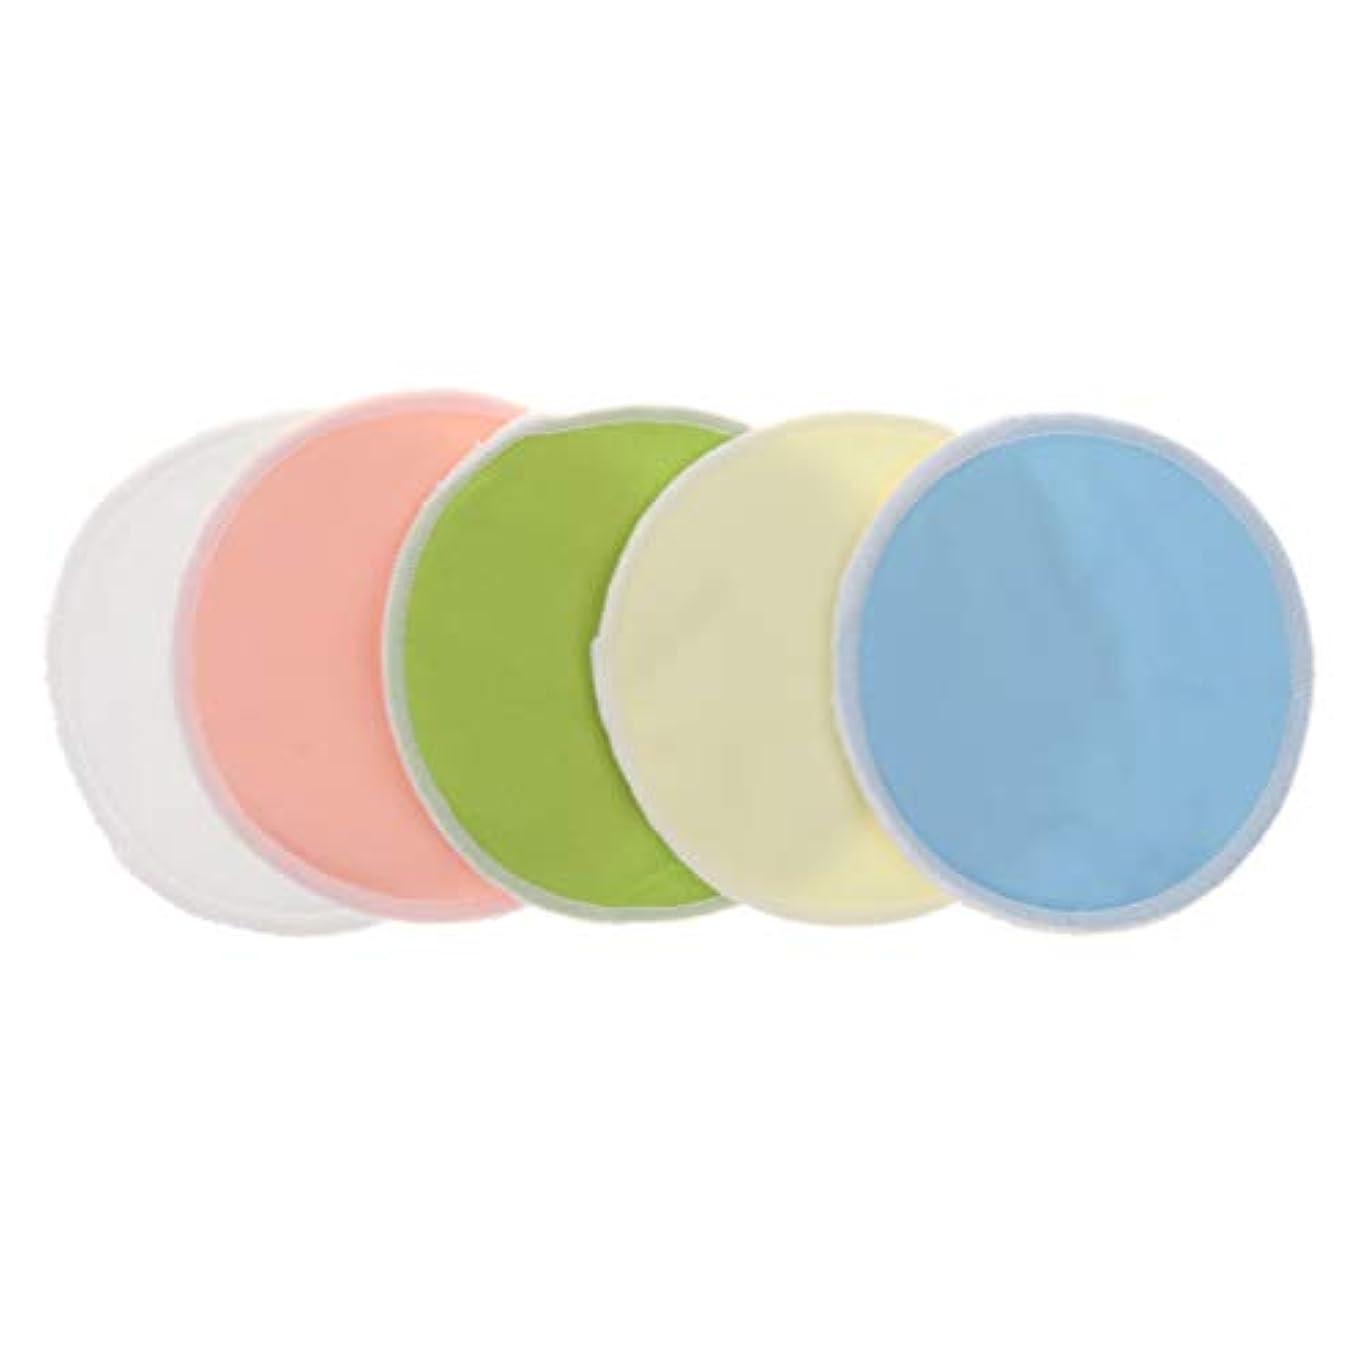 フィット奨励旋律的メイク落としコットン 胸パッド 竹繊維 クレンジング ラウンド 洗える 再利用可能 5個 全2タイプ - 01